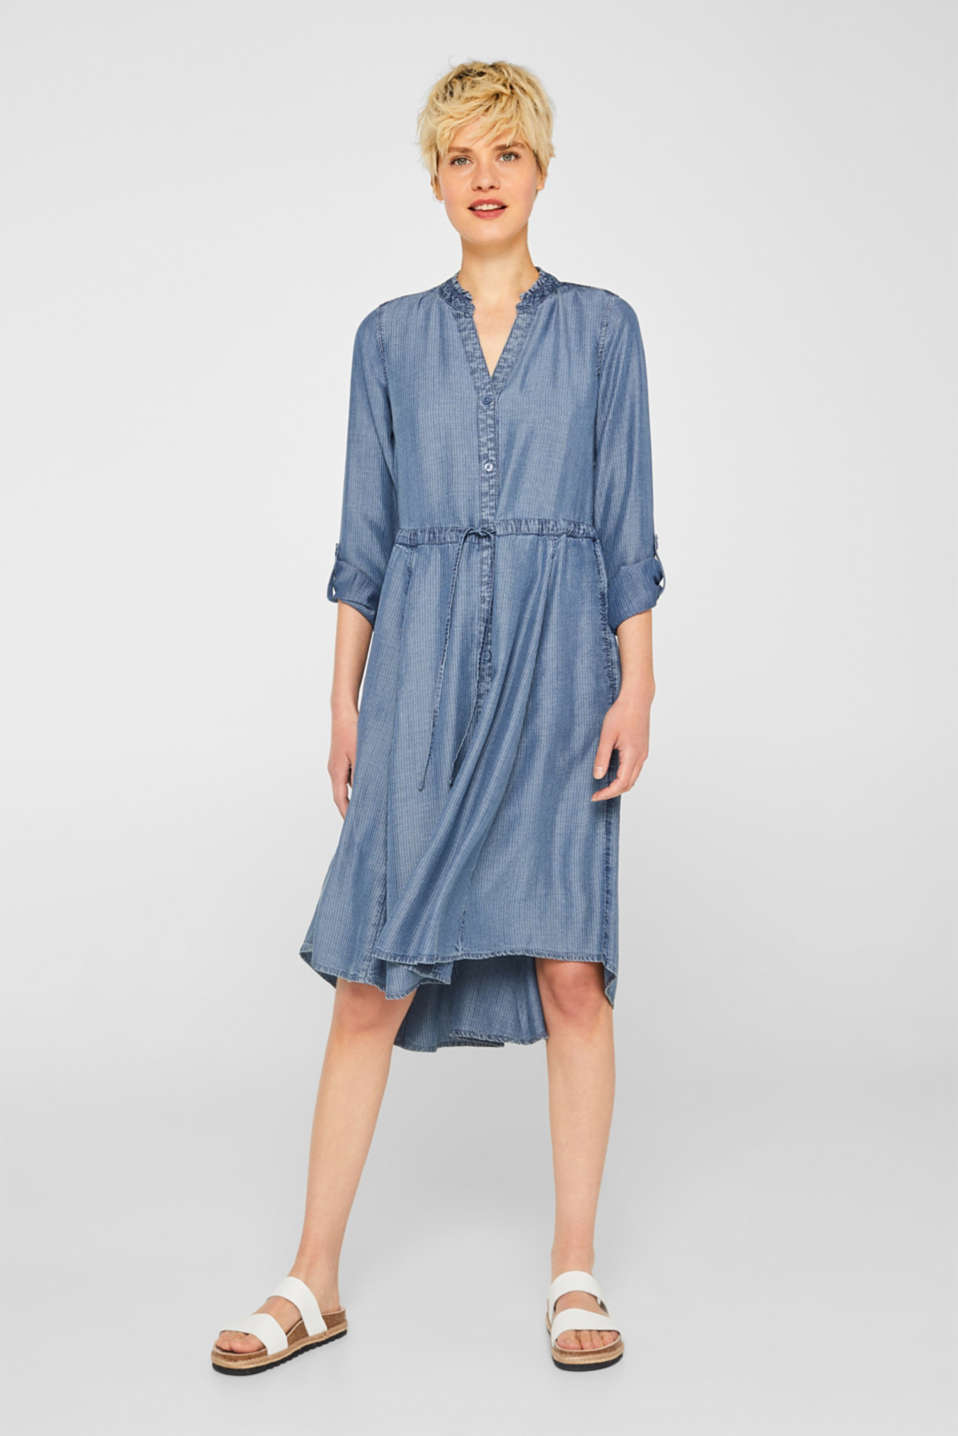 Dresses denim, BLUE LIGHT WASH, detail image number 1